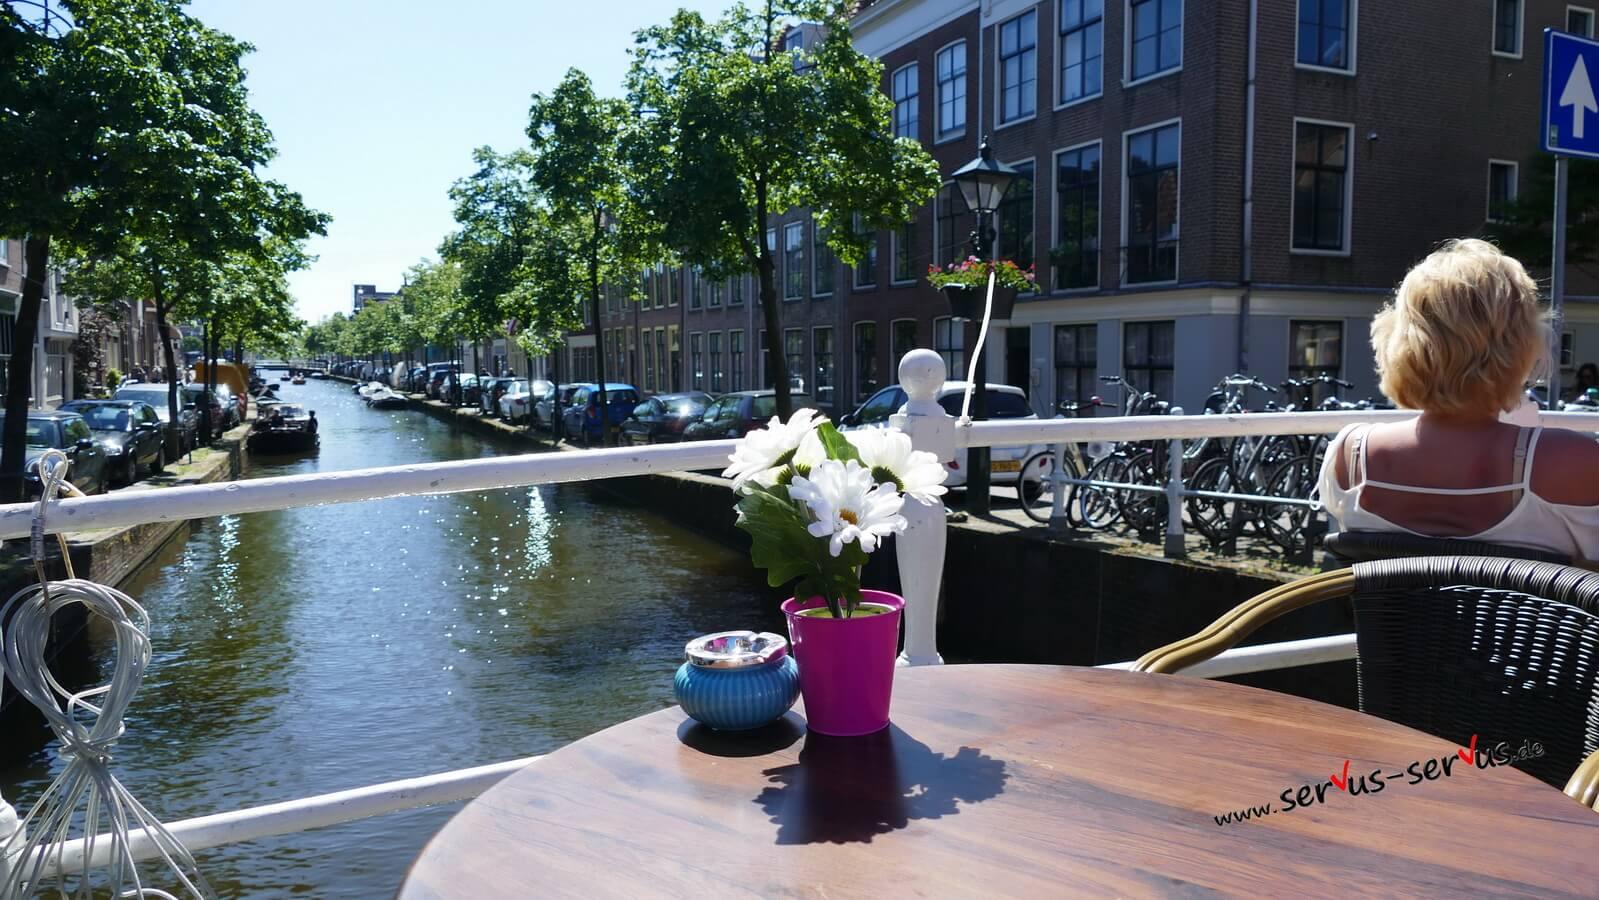 blich auf die Grachten in Alkmaar